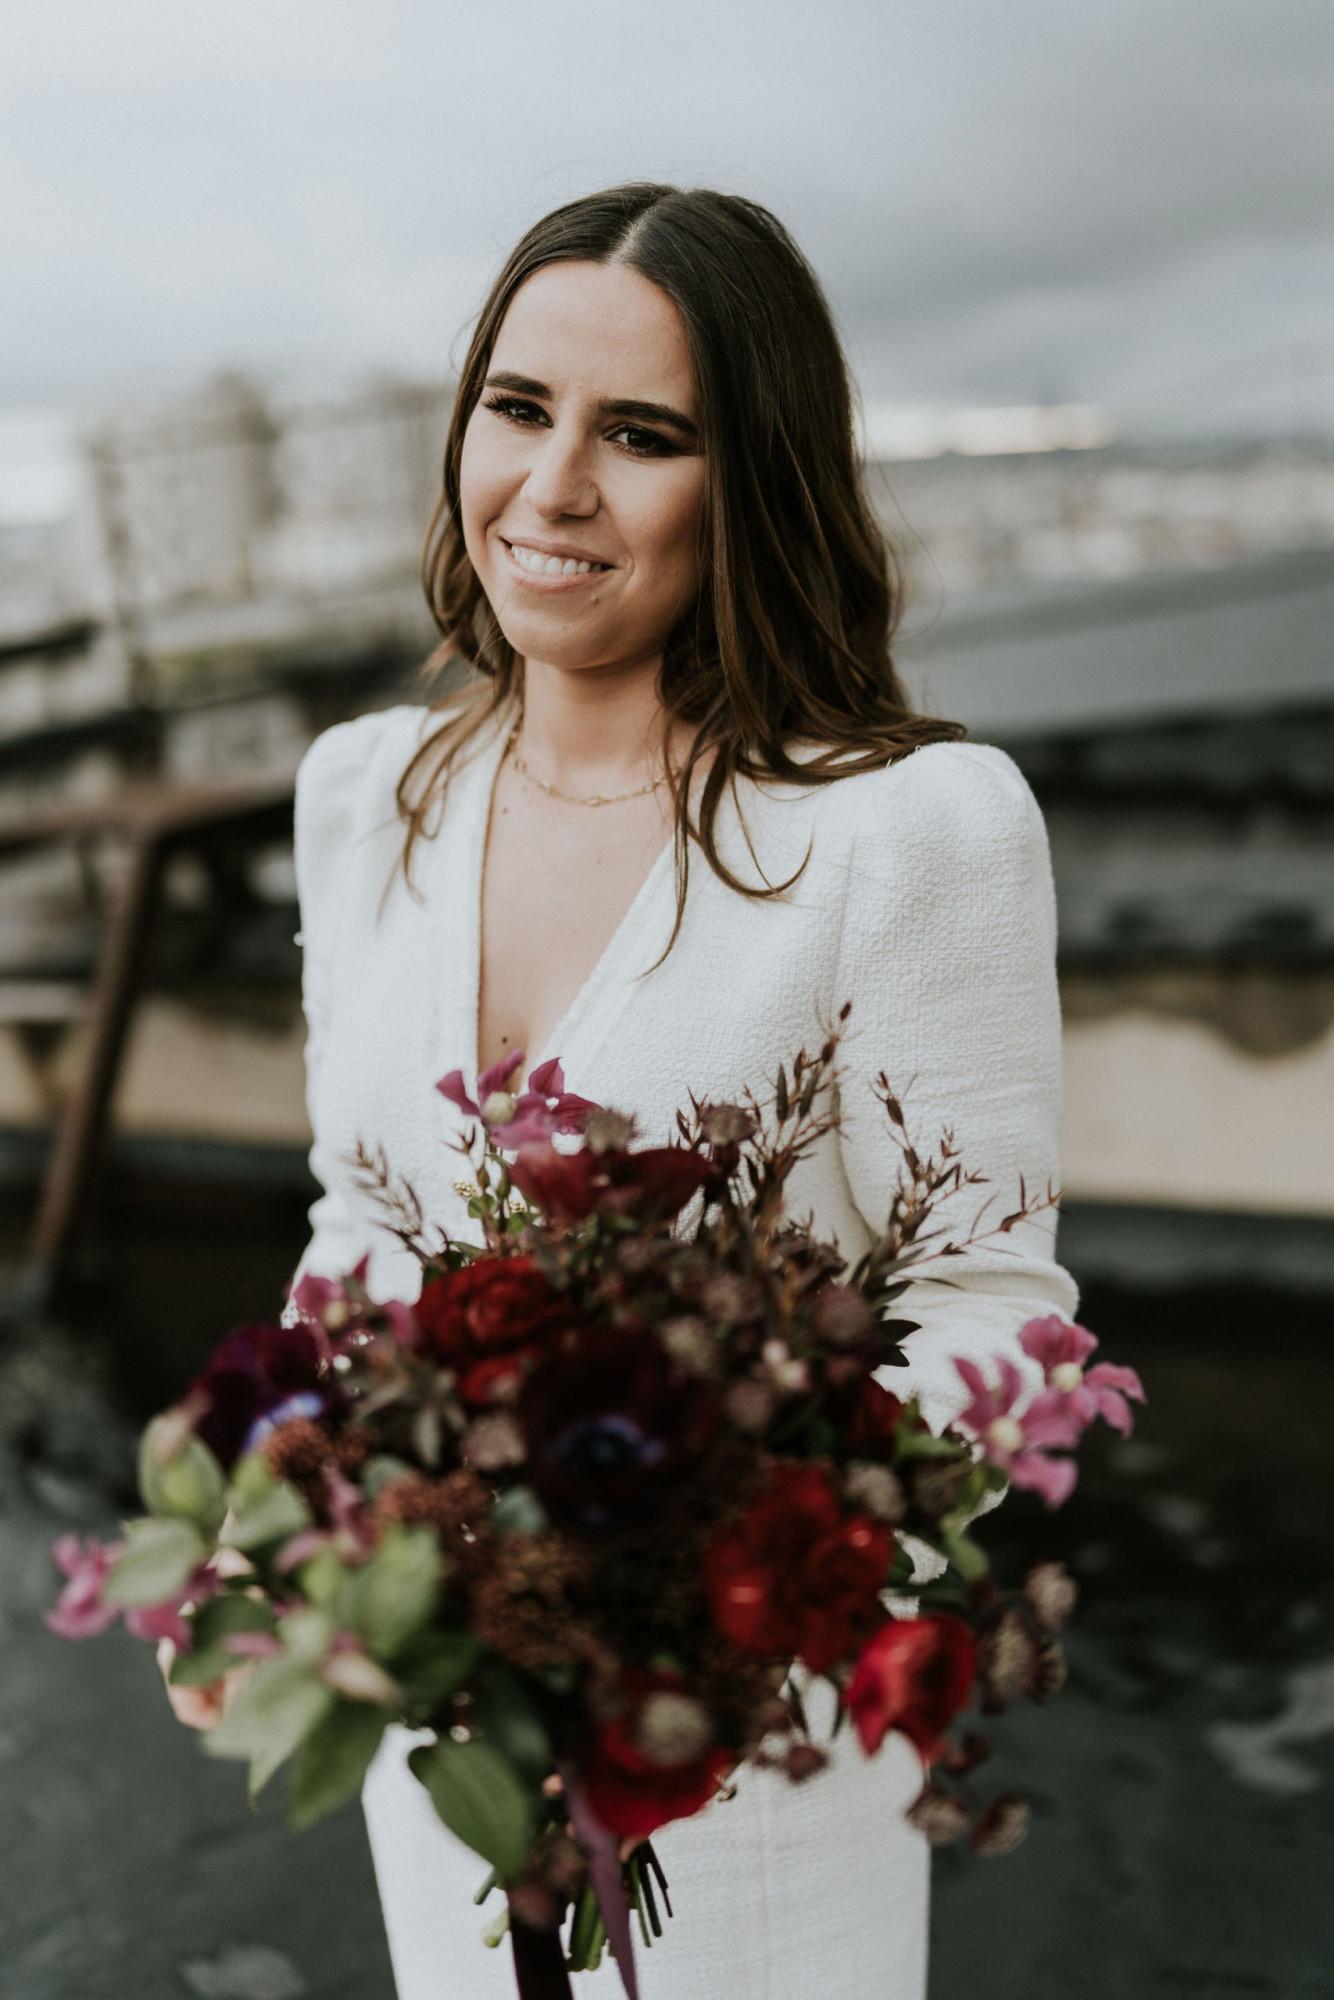 Fleuriste mariage, design floral, mariage à paris, décoratrice paris, mariage sur les toits de paris, red velvet, rouge velours, mariage